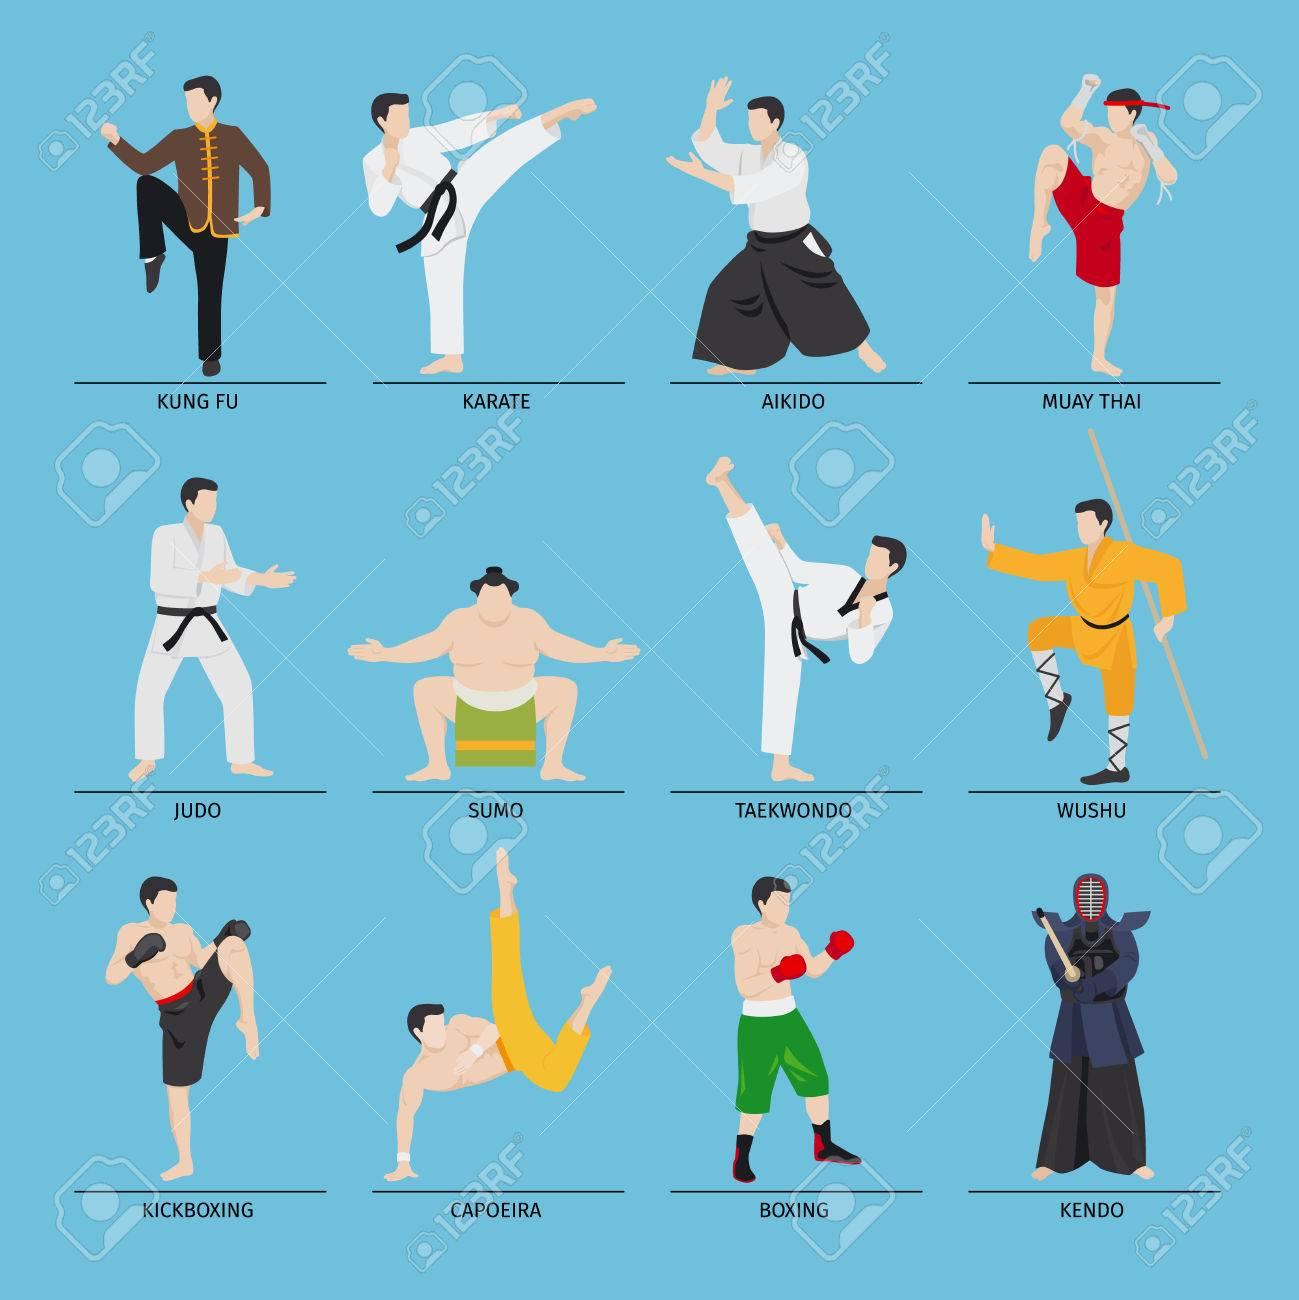 Martial arts Martial arts new images